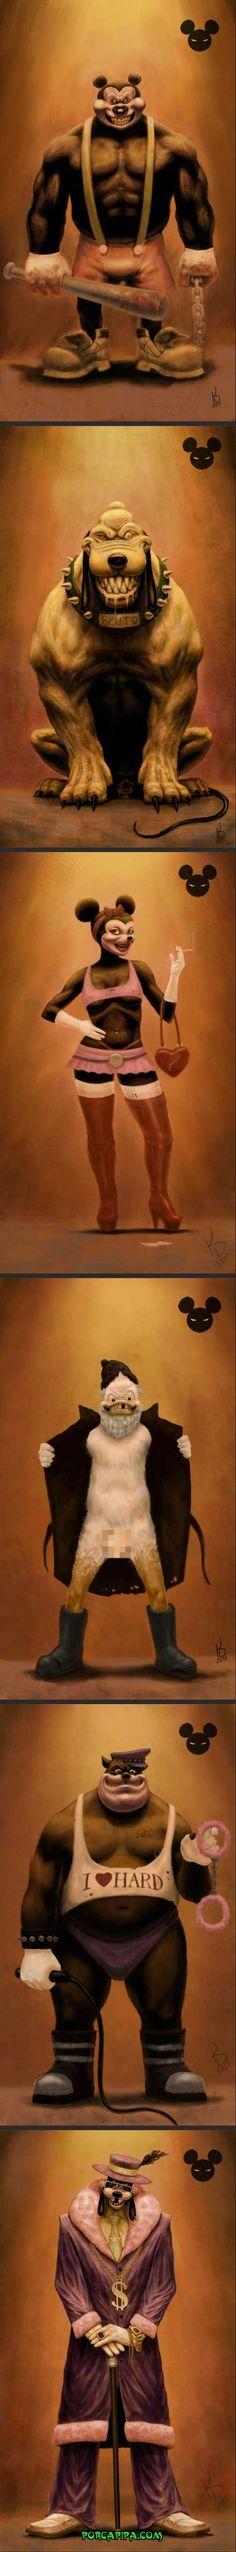 Se os personagens da Disney fossem malvados...